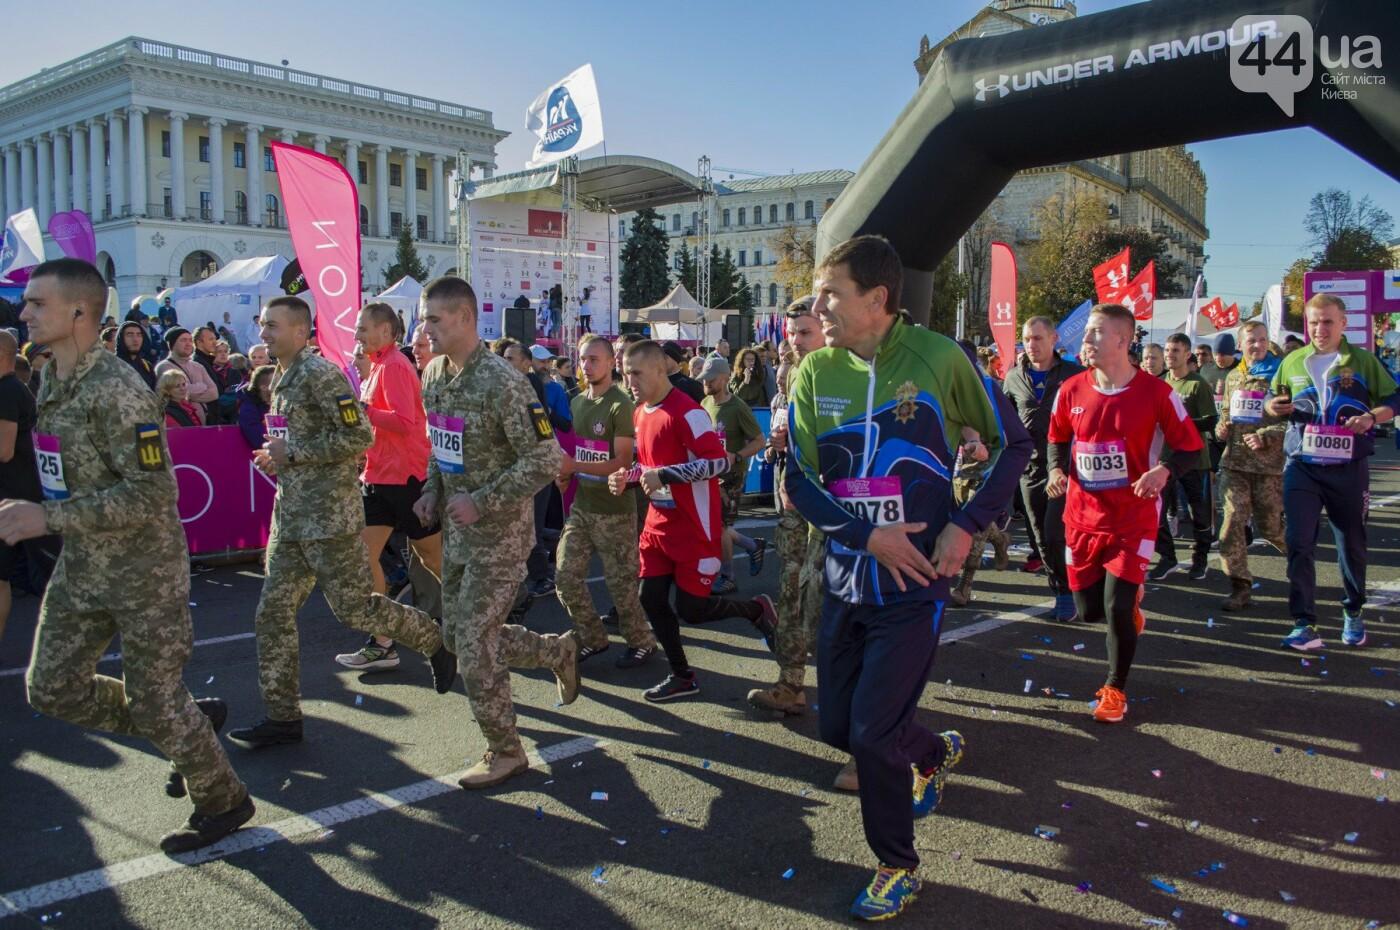 В центре Киева тысячи семей, детей и воинов АТО пробежали марафон, - ФОТОРЕПОРТАЖ, фото-13